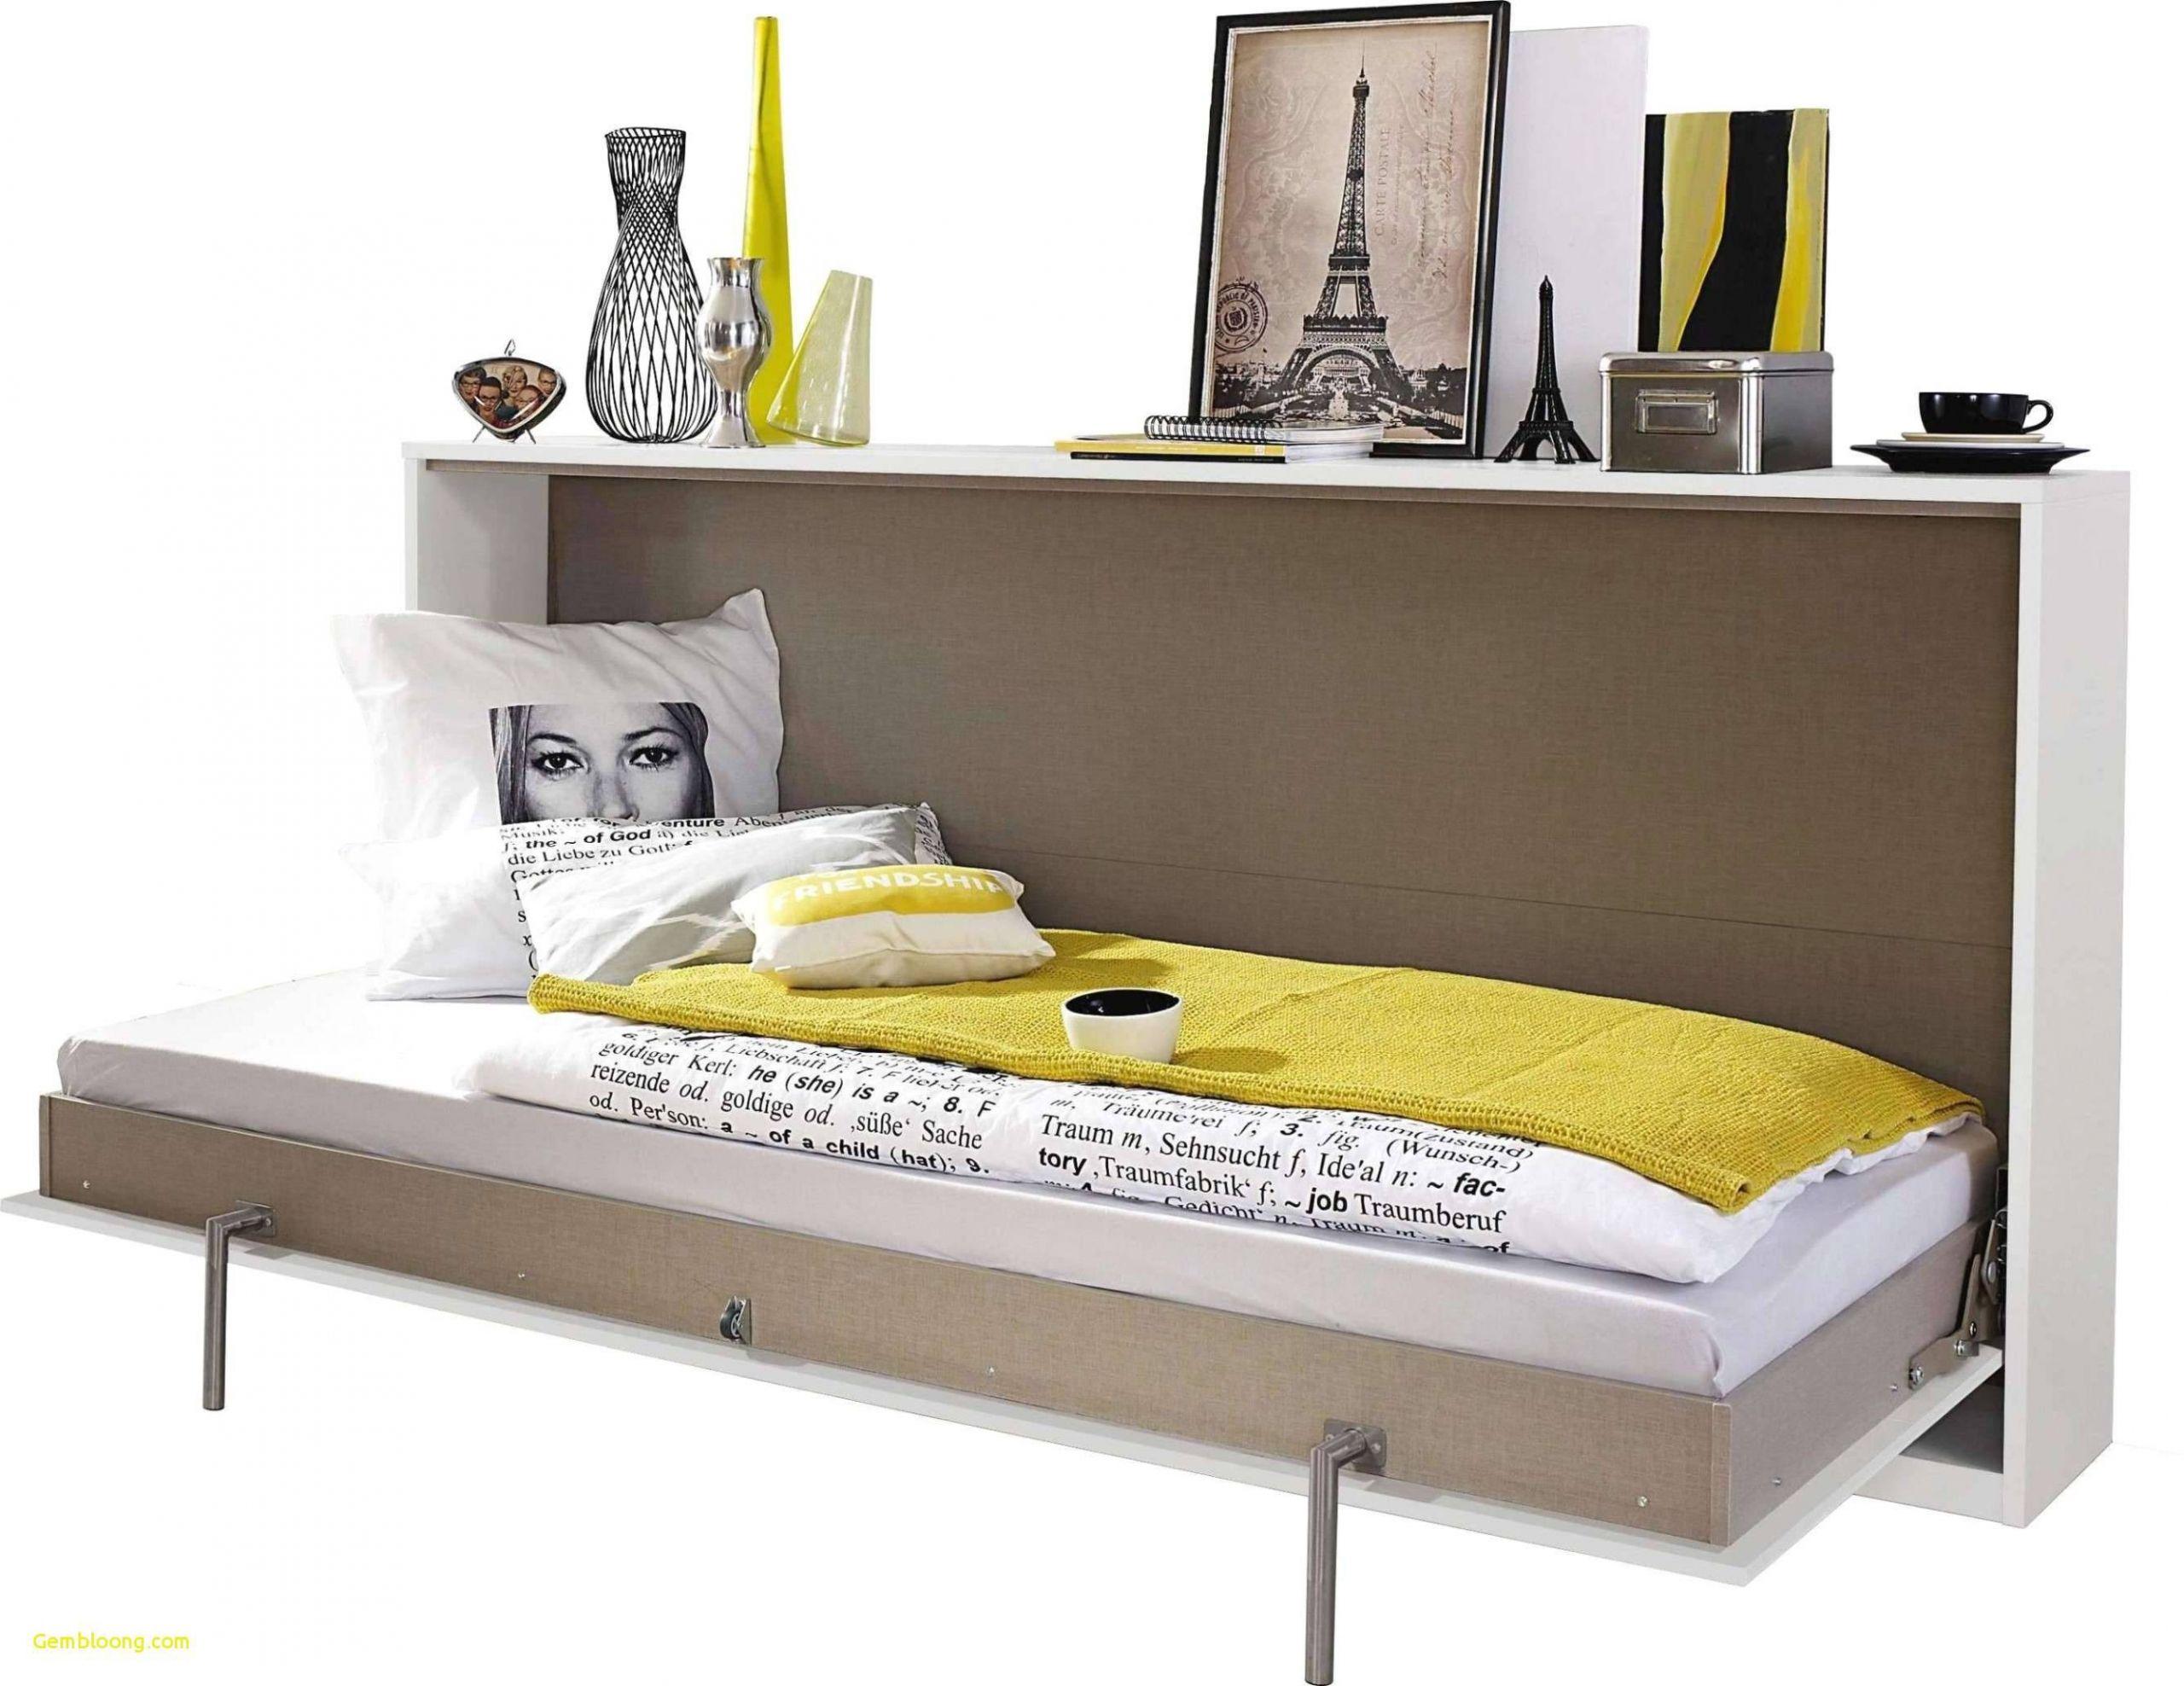 wohnzimmermobel von musterring inspirierend 45 inspirierend dekoartikel gunstig galerie of wohnzimmermobel von musterring